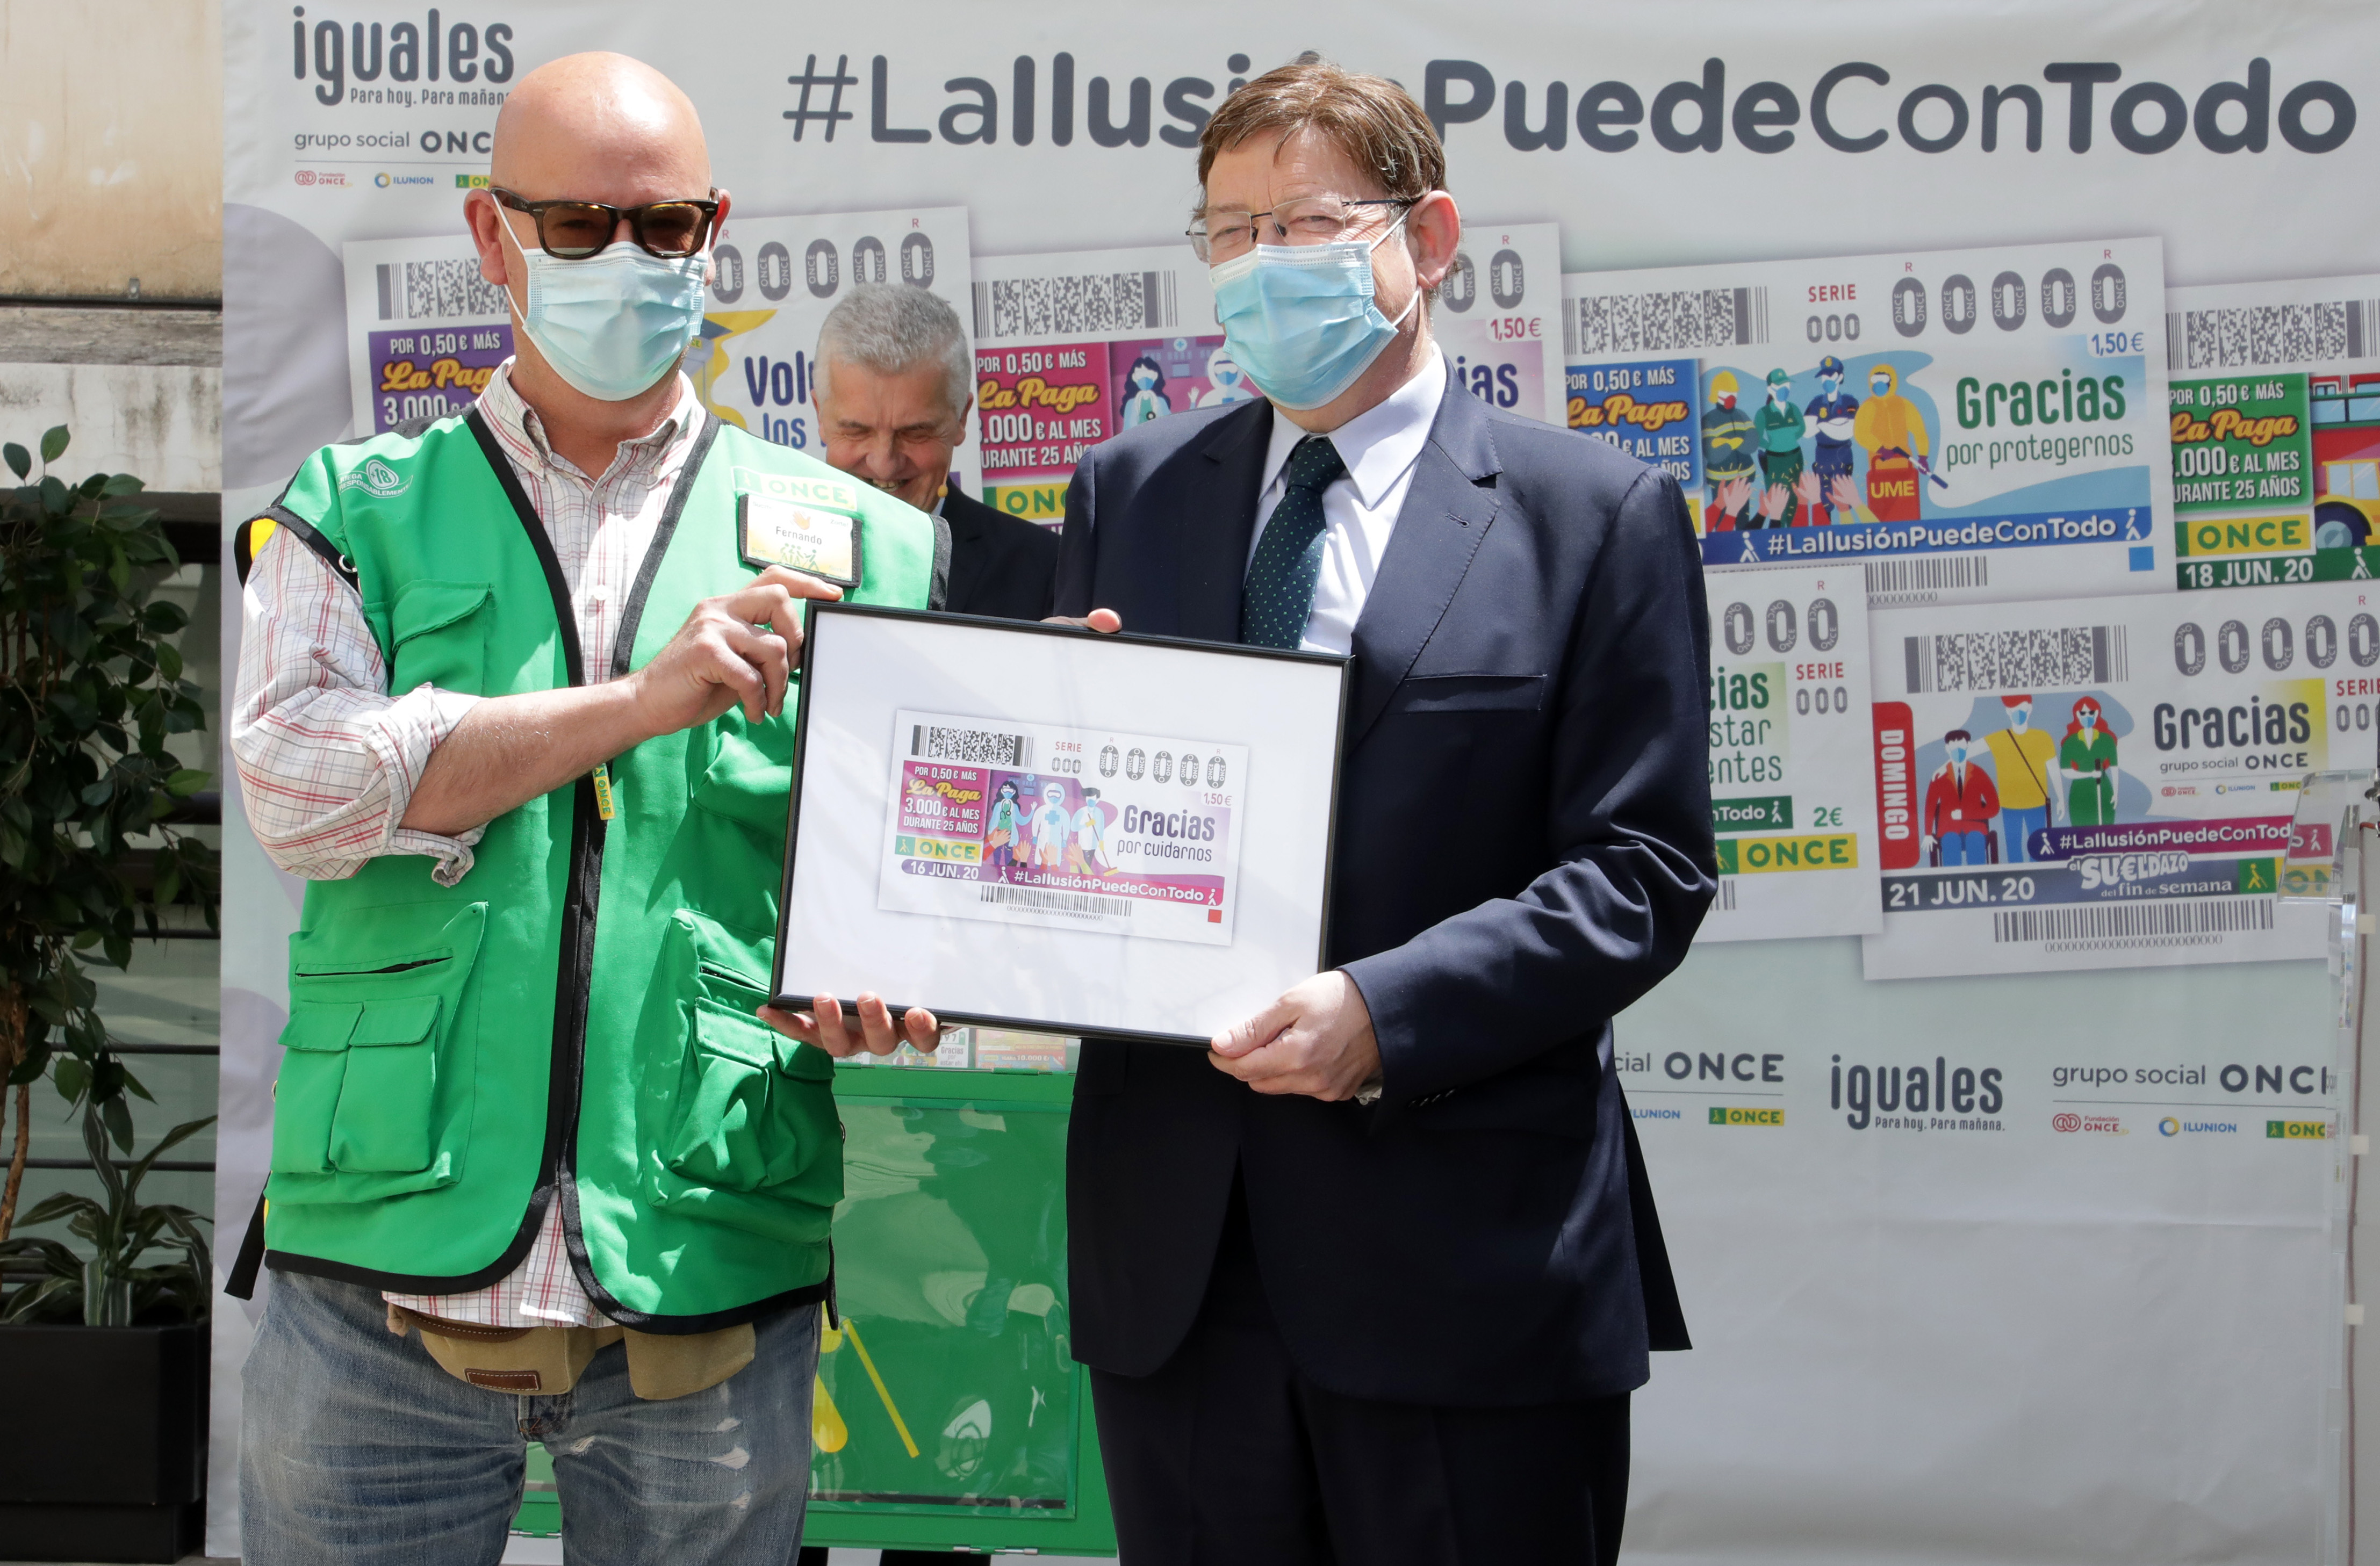 """Ximo Puig ha asistido a la presentación de la colección de cupones """"La ilusión puede con todo"""", con la que la ONCE reconoce el trabajo realizado e..."""